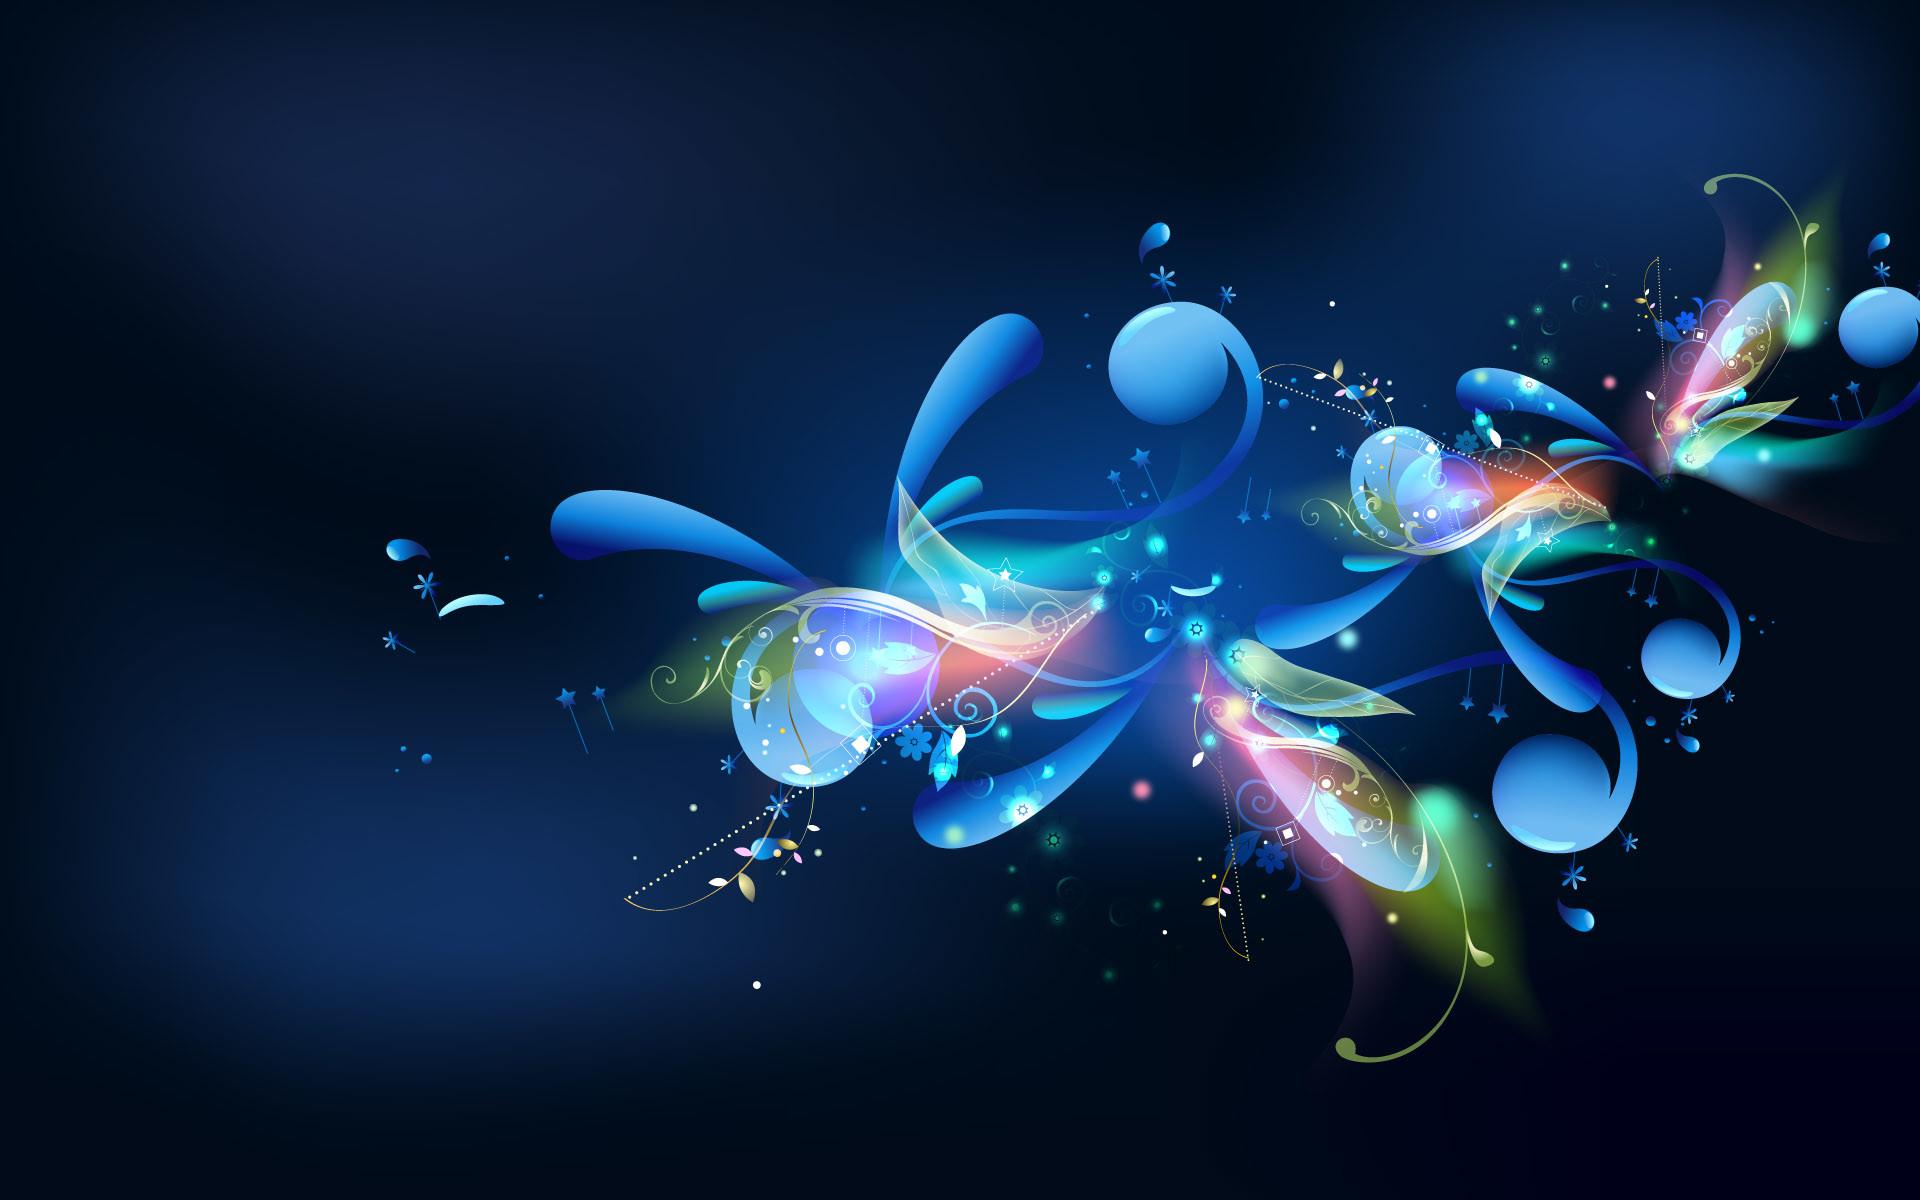 damask wallpaper 360   Hd Wallpaper, Blue Wallpaper, Abstract Wallpaper,  Desktop Wallpaper, Pc Wallpaper,   Pinterest   Damask wallpaper, Wallpaper  pc and …